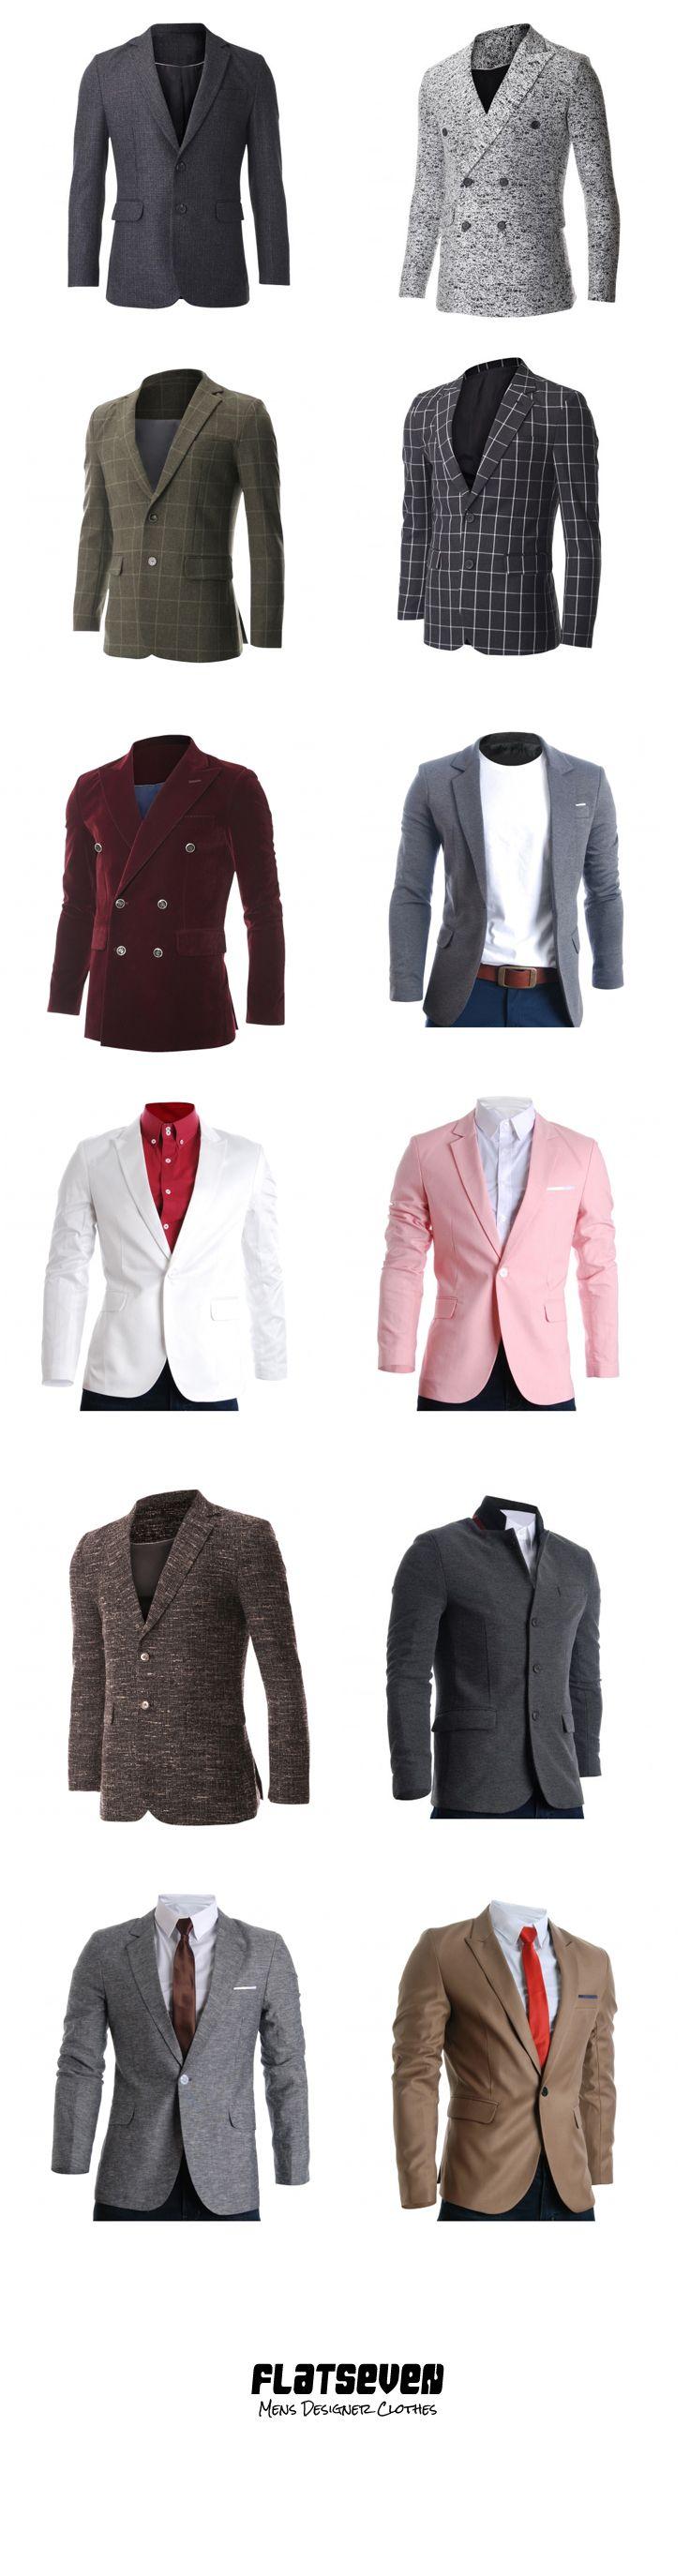 El saco es una prenda clásica en la vestimenta masculina. Encuentra tu estilo en Robert's, seguro tenemos algo para ti.